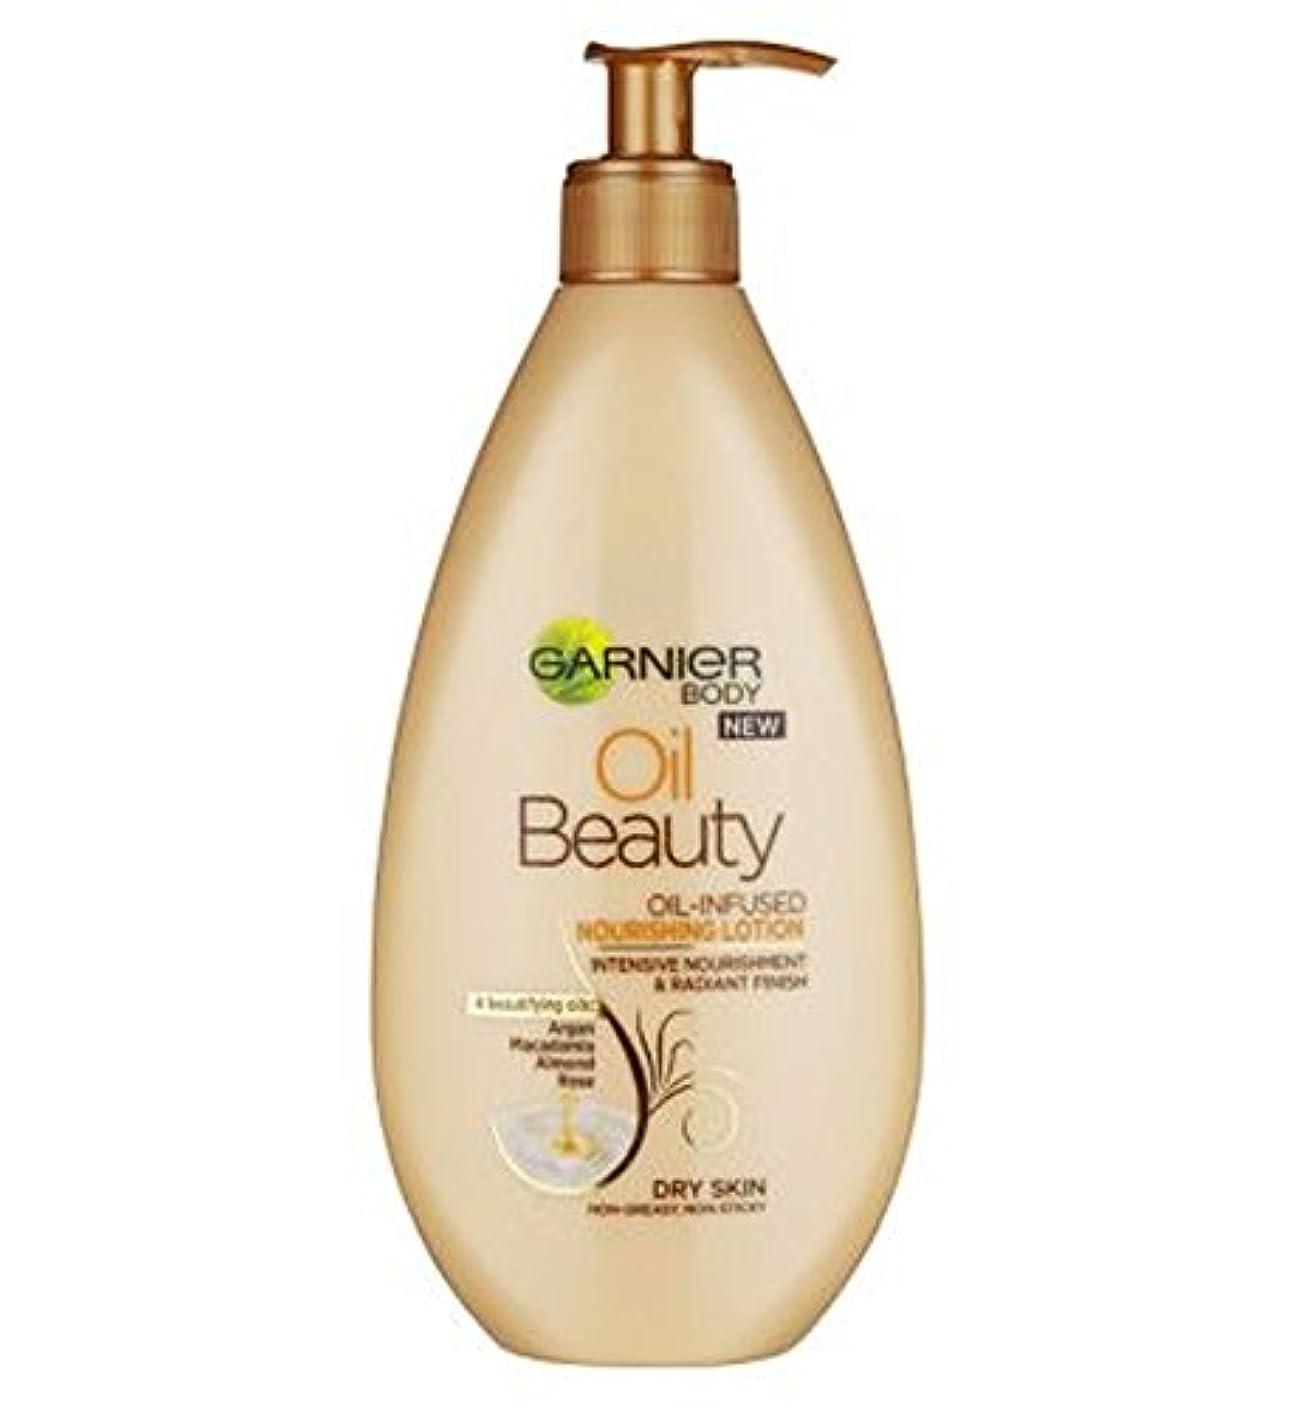 味規模塊ガルニエ究極の美容オイル400ミリリットル (Garnier) (x2) - Garnier Ultimate Beauty Oil 400ml (Pack of 2) [並行輸入品]